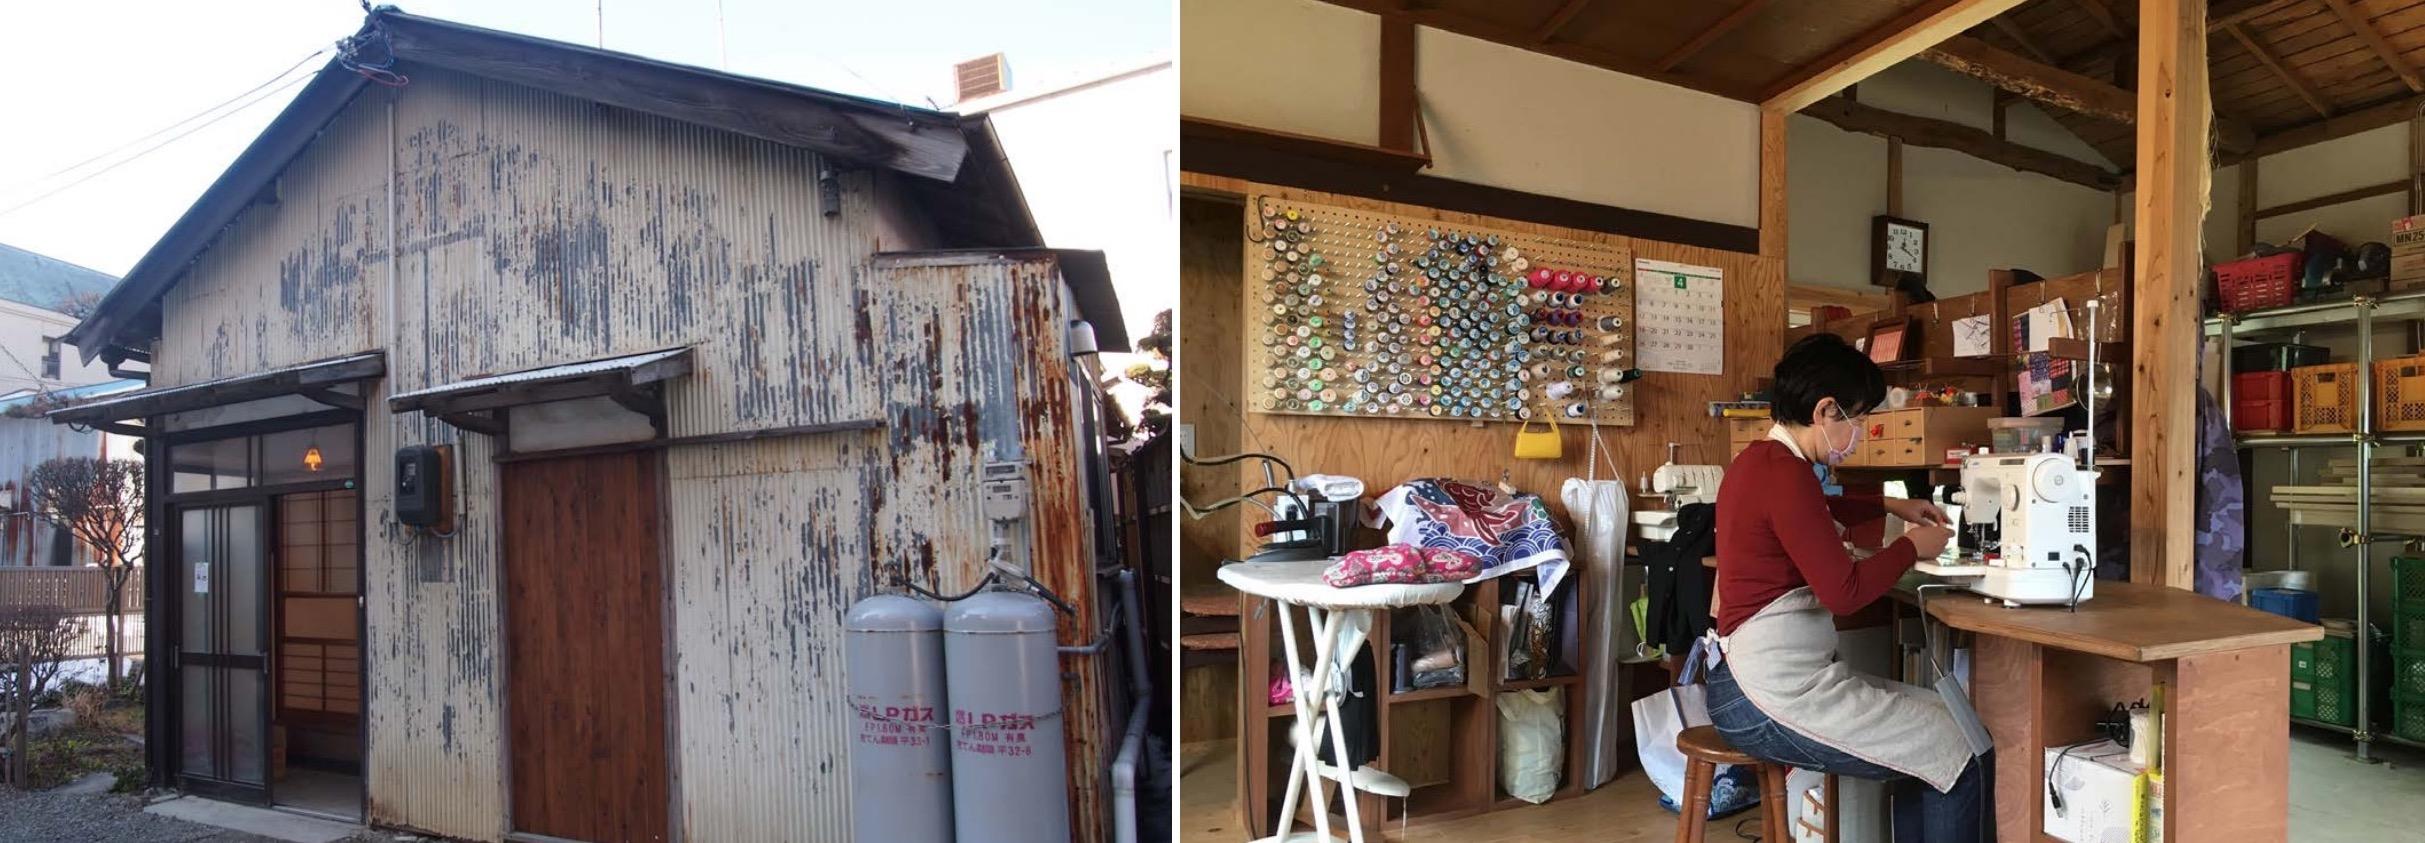 (左)巻組のリノベーション物件外観(右)物件に入居し洋裁を行う女性